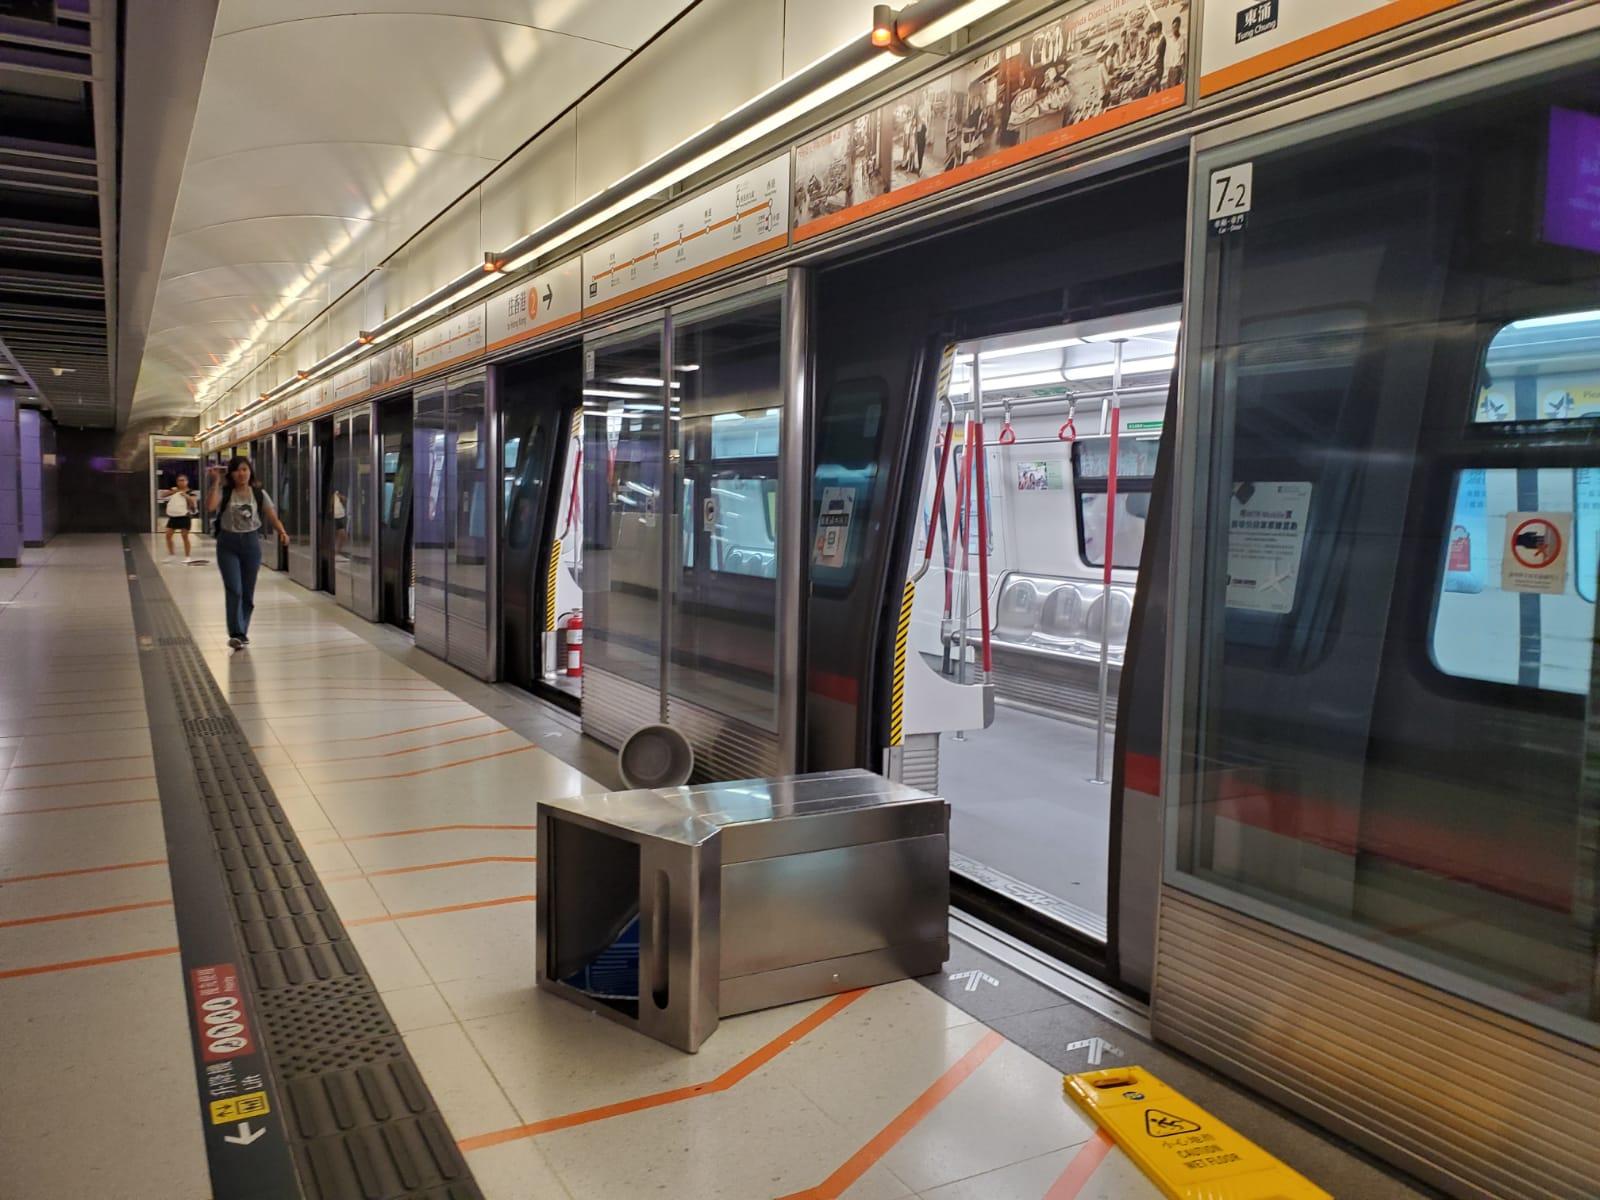 【逃犯条例】港铁今日12个车站被破坏 部分车站明天或暂停服务